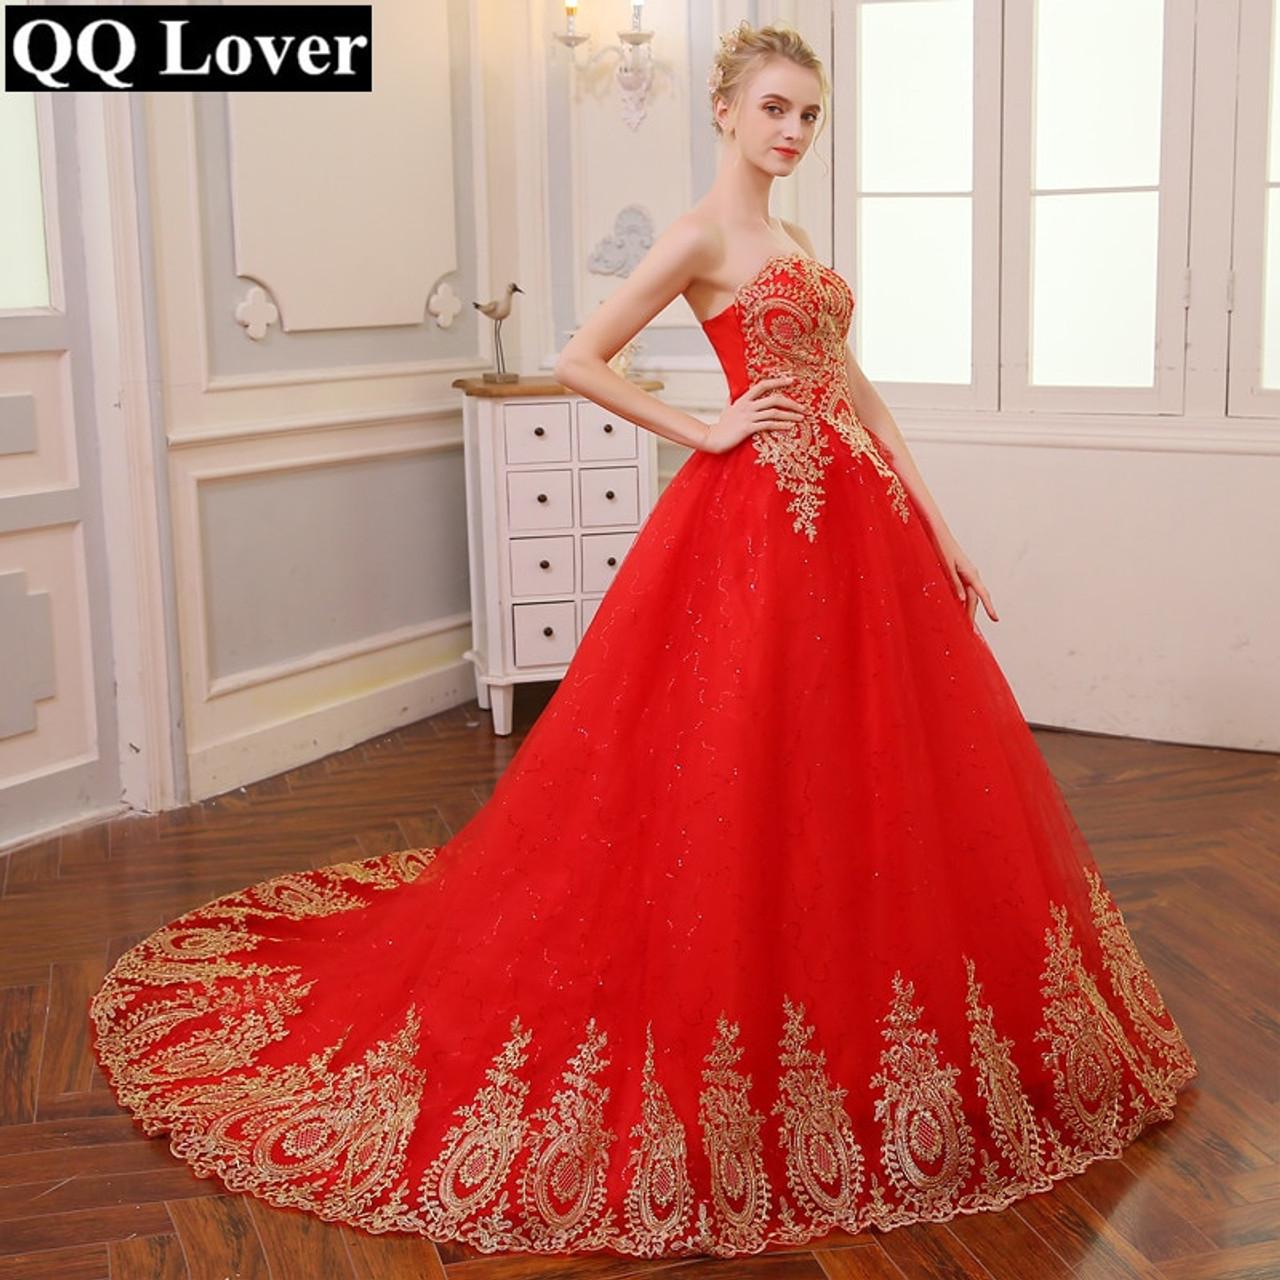 0472658cb00 QQ Lover 2019 Vintage Lace Red Wedding Dresses Plus Size Ball Gown Robe de  Mariee Vestido De Noiva - OnshopDeals.Com